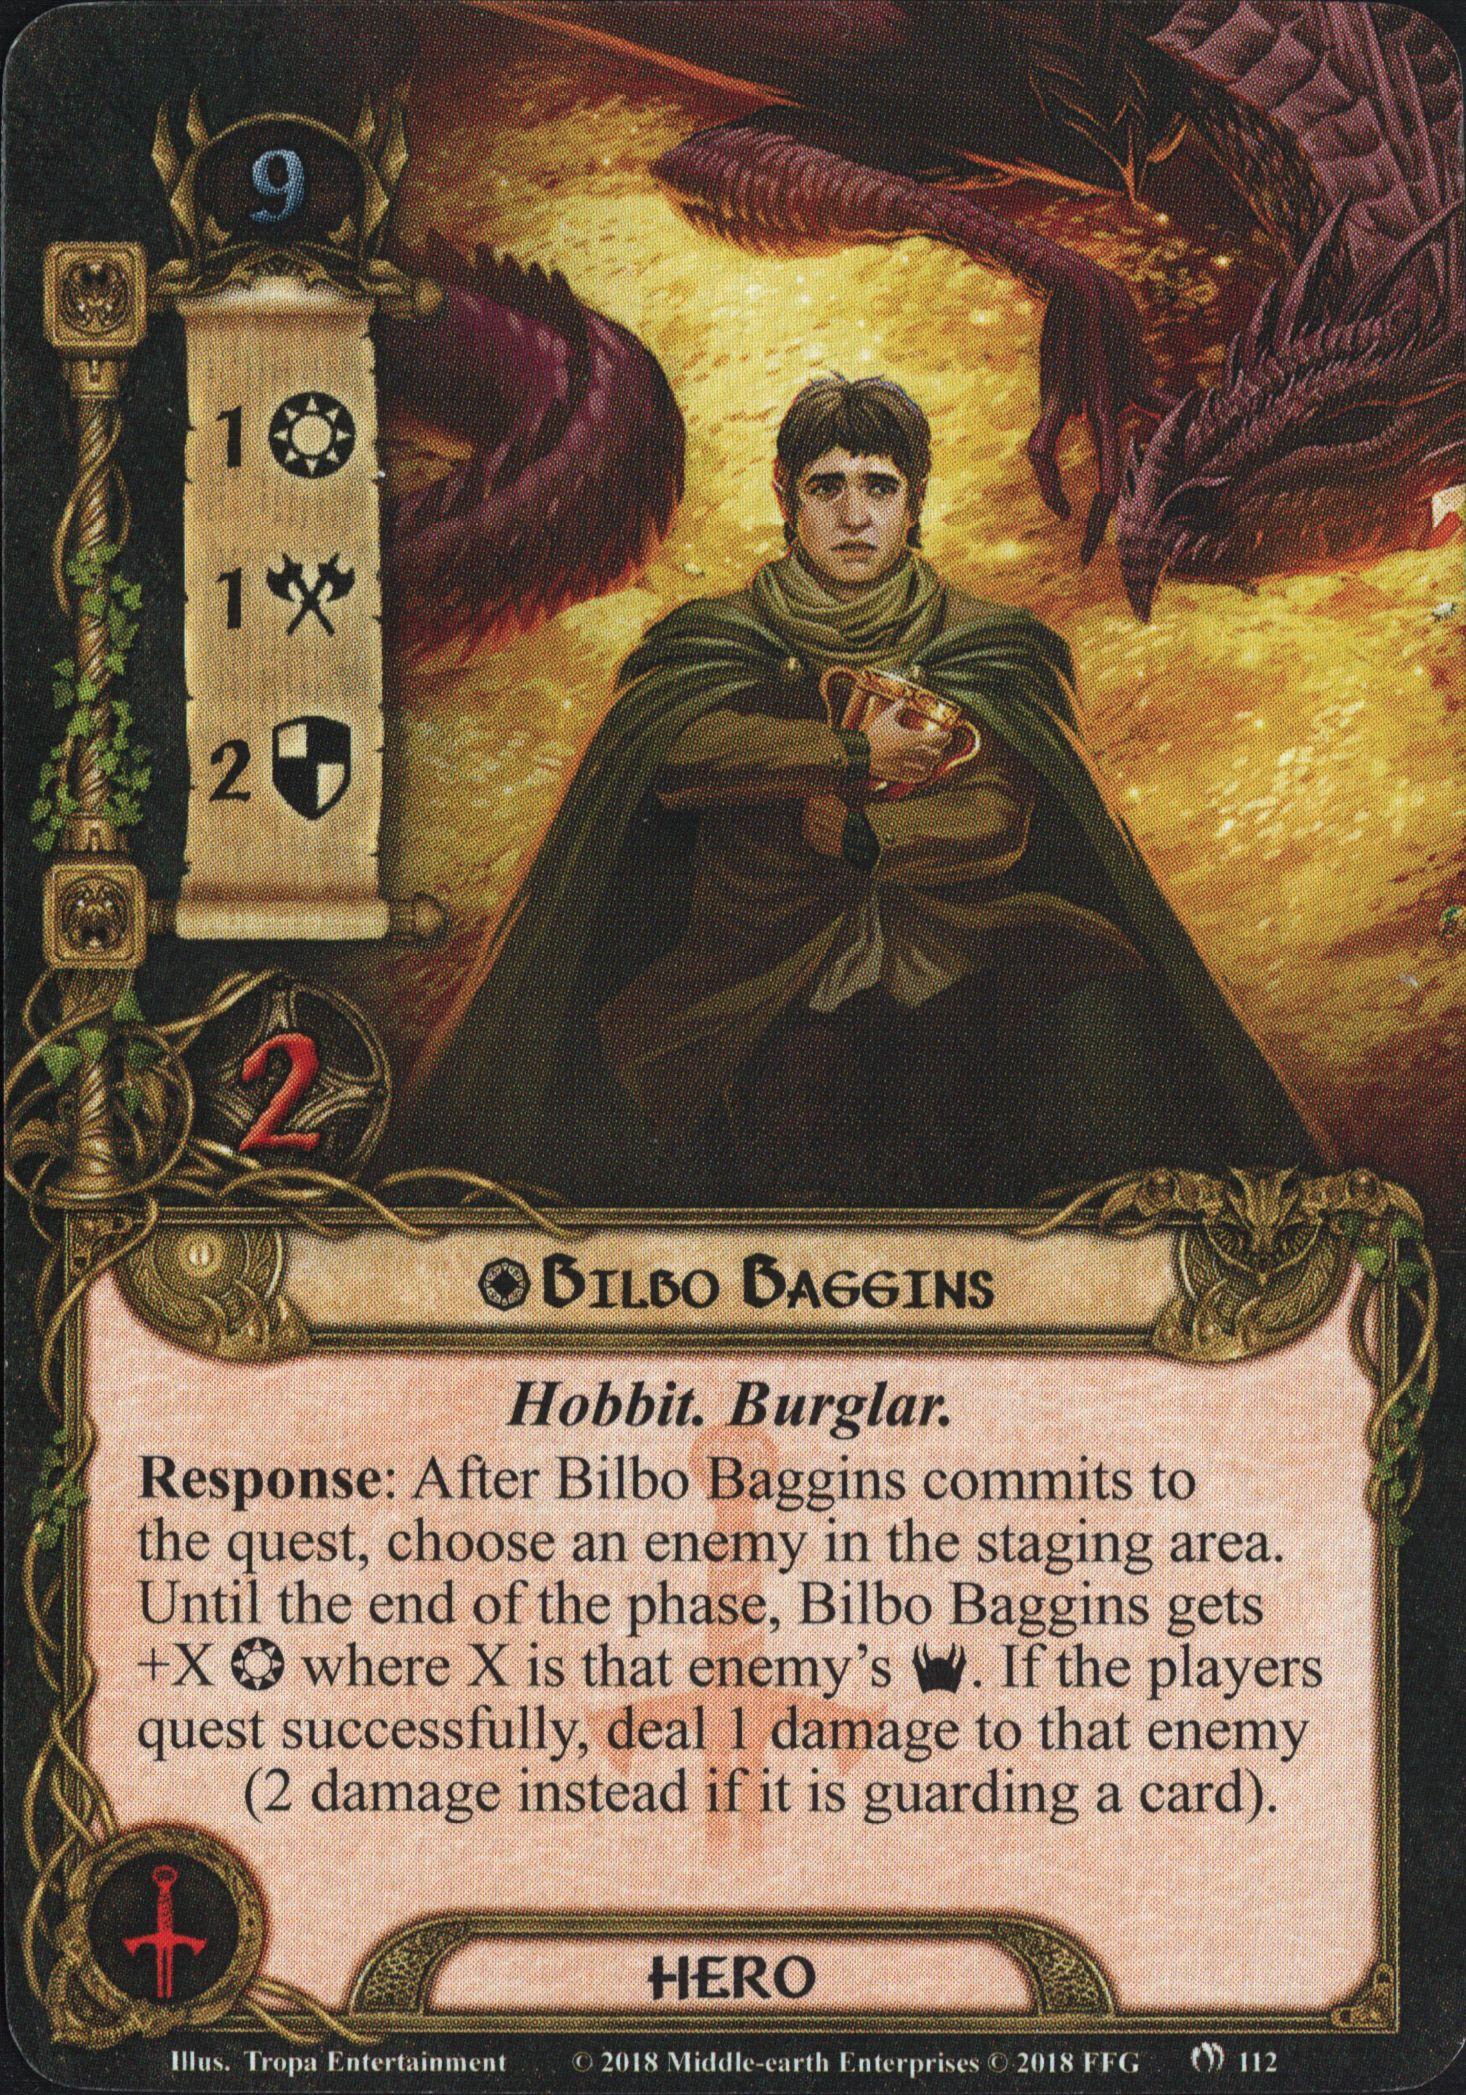 [Les Cambri...hobbit] Bilbon Saquet / Foulque Boffin / Frodon Saquet Bilbo-Baggins